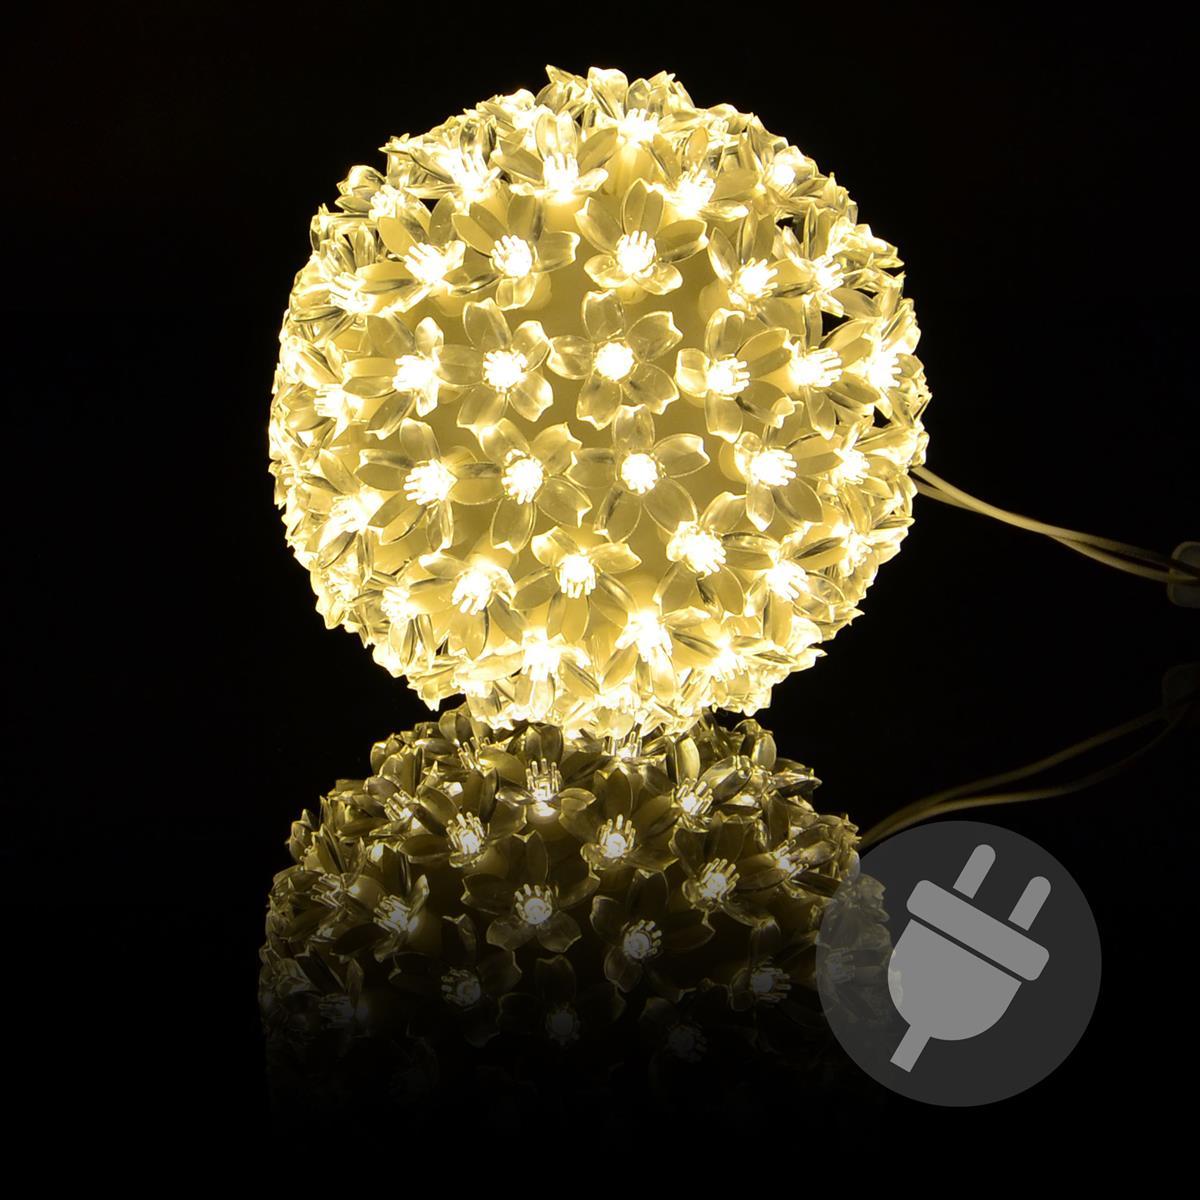 Lichterball